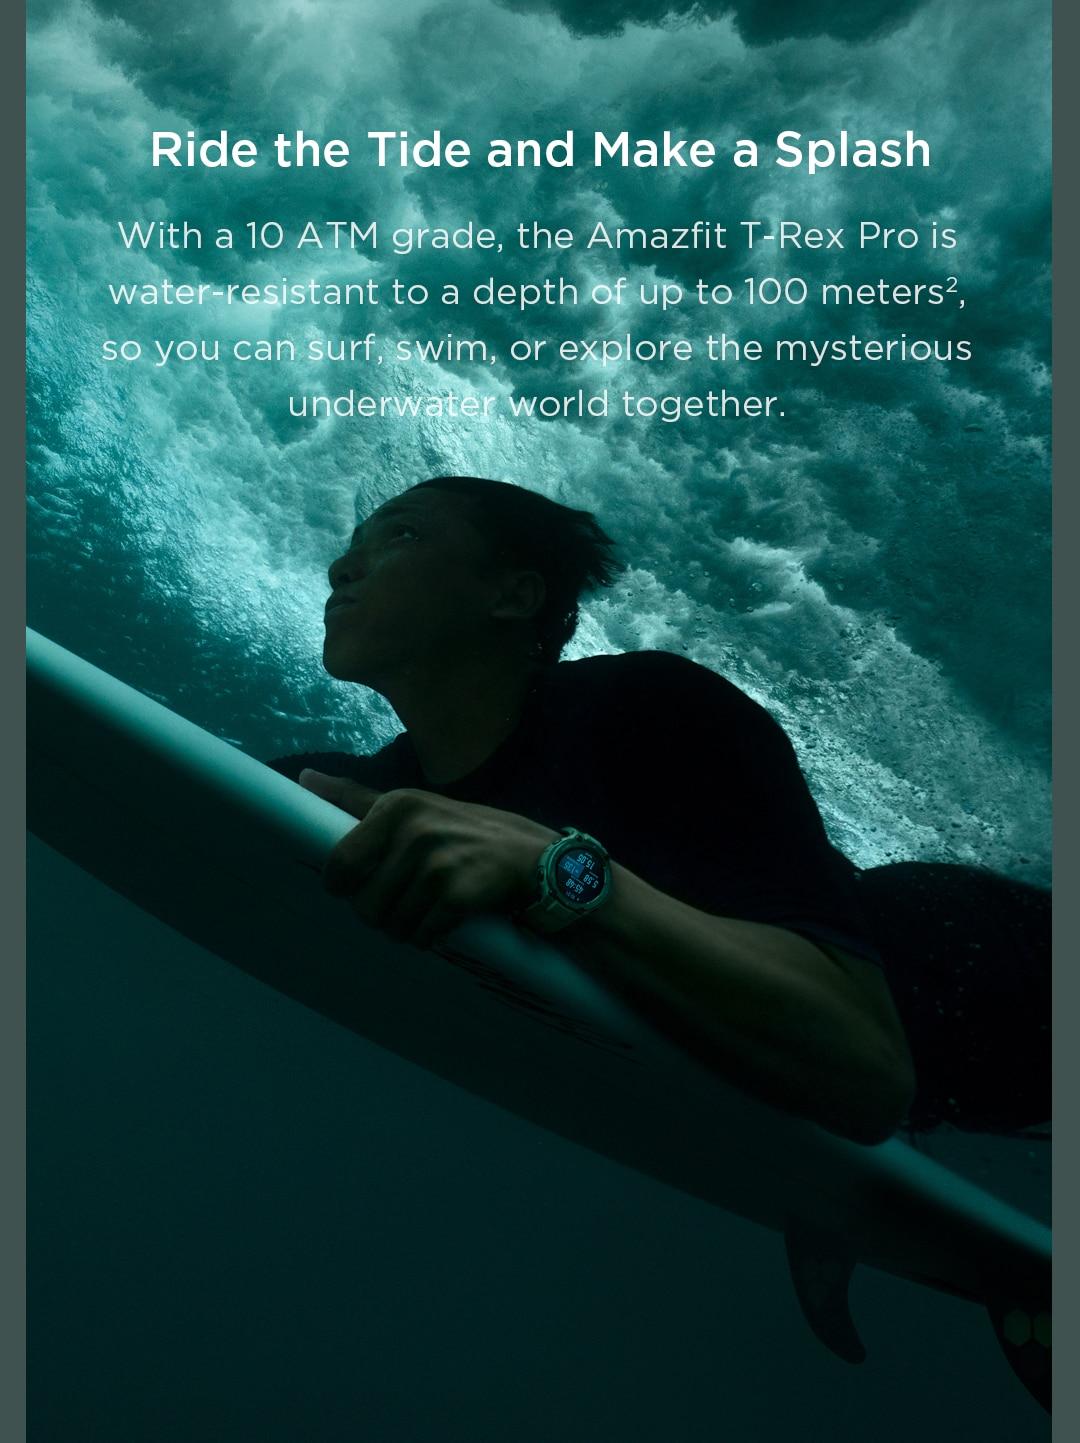 Amazfit T-Rex Pro Smartwatch 10